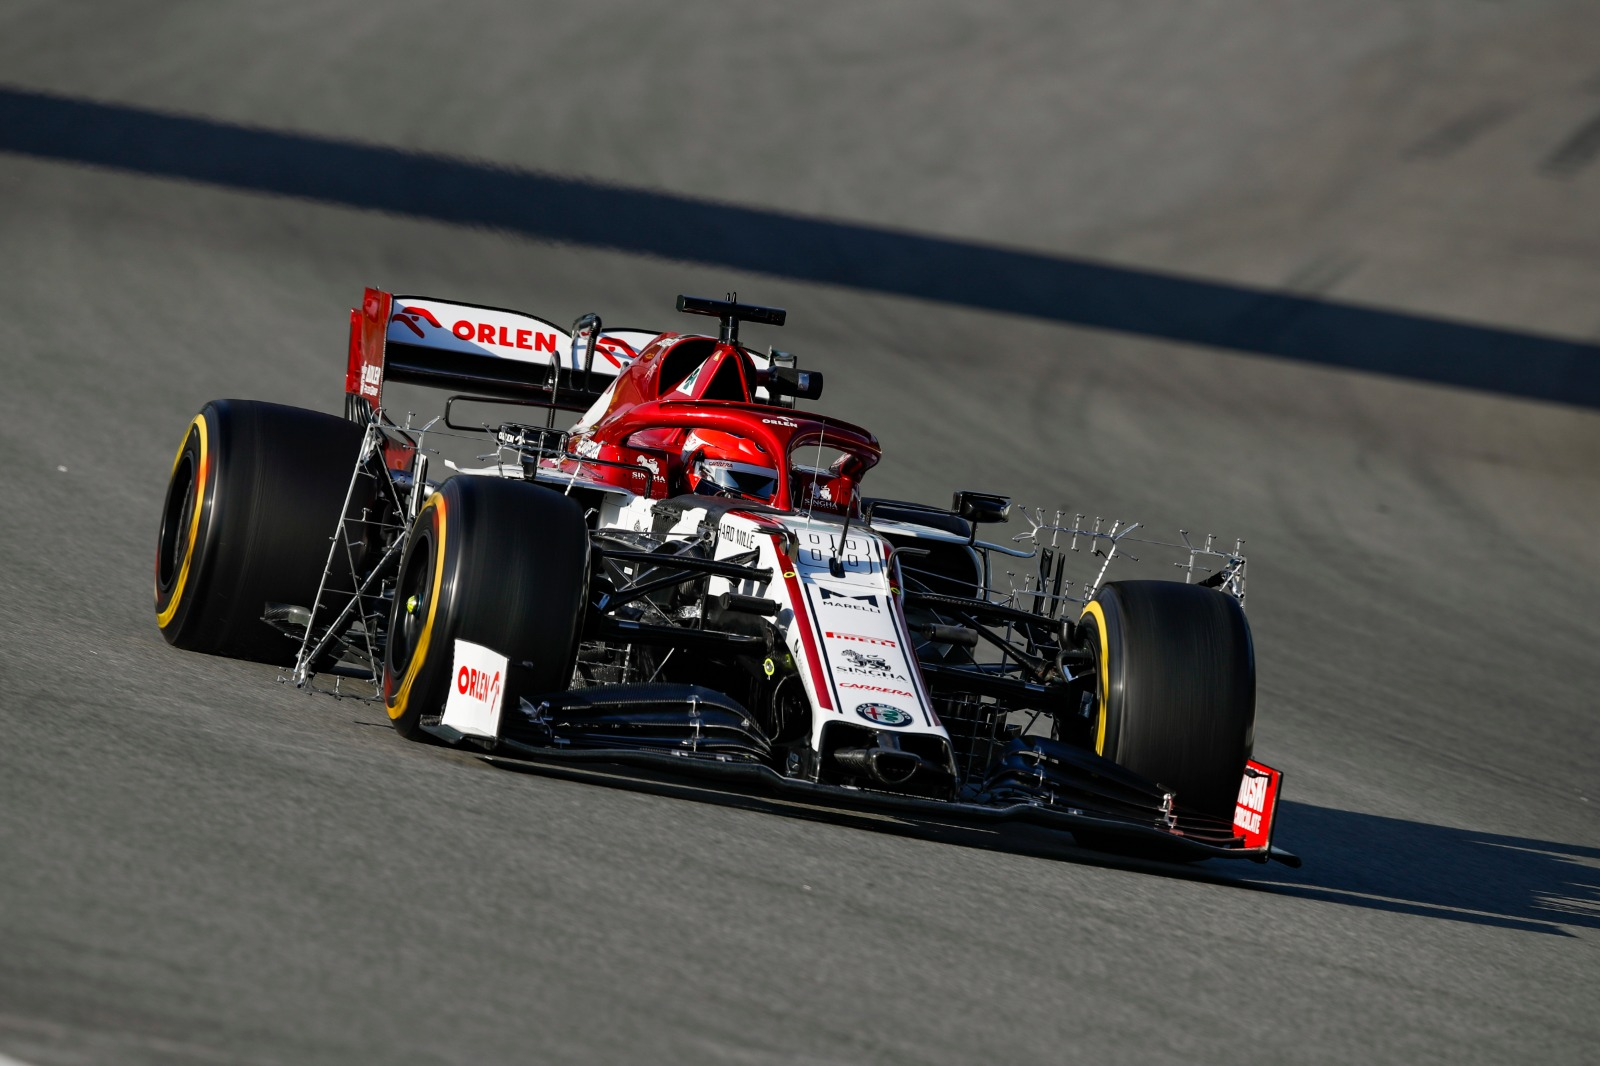 Barcelone J4: Kubica débute bien la semaine